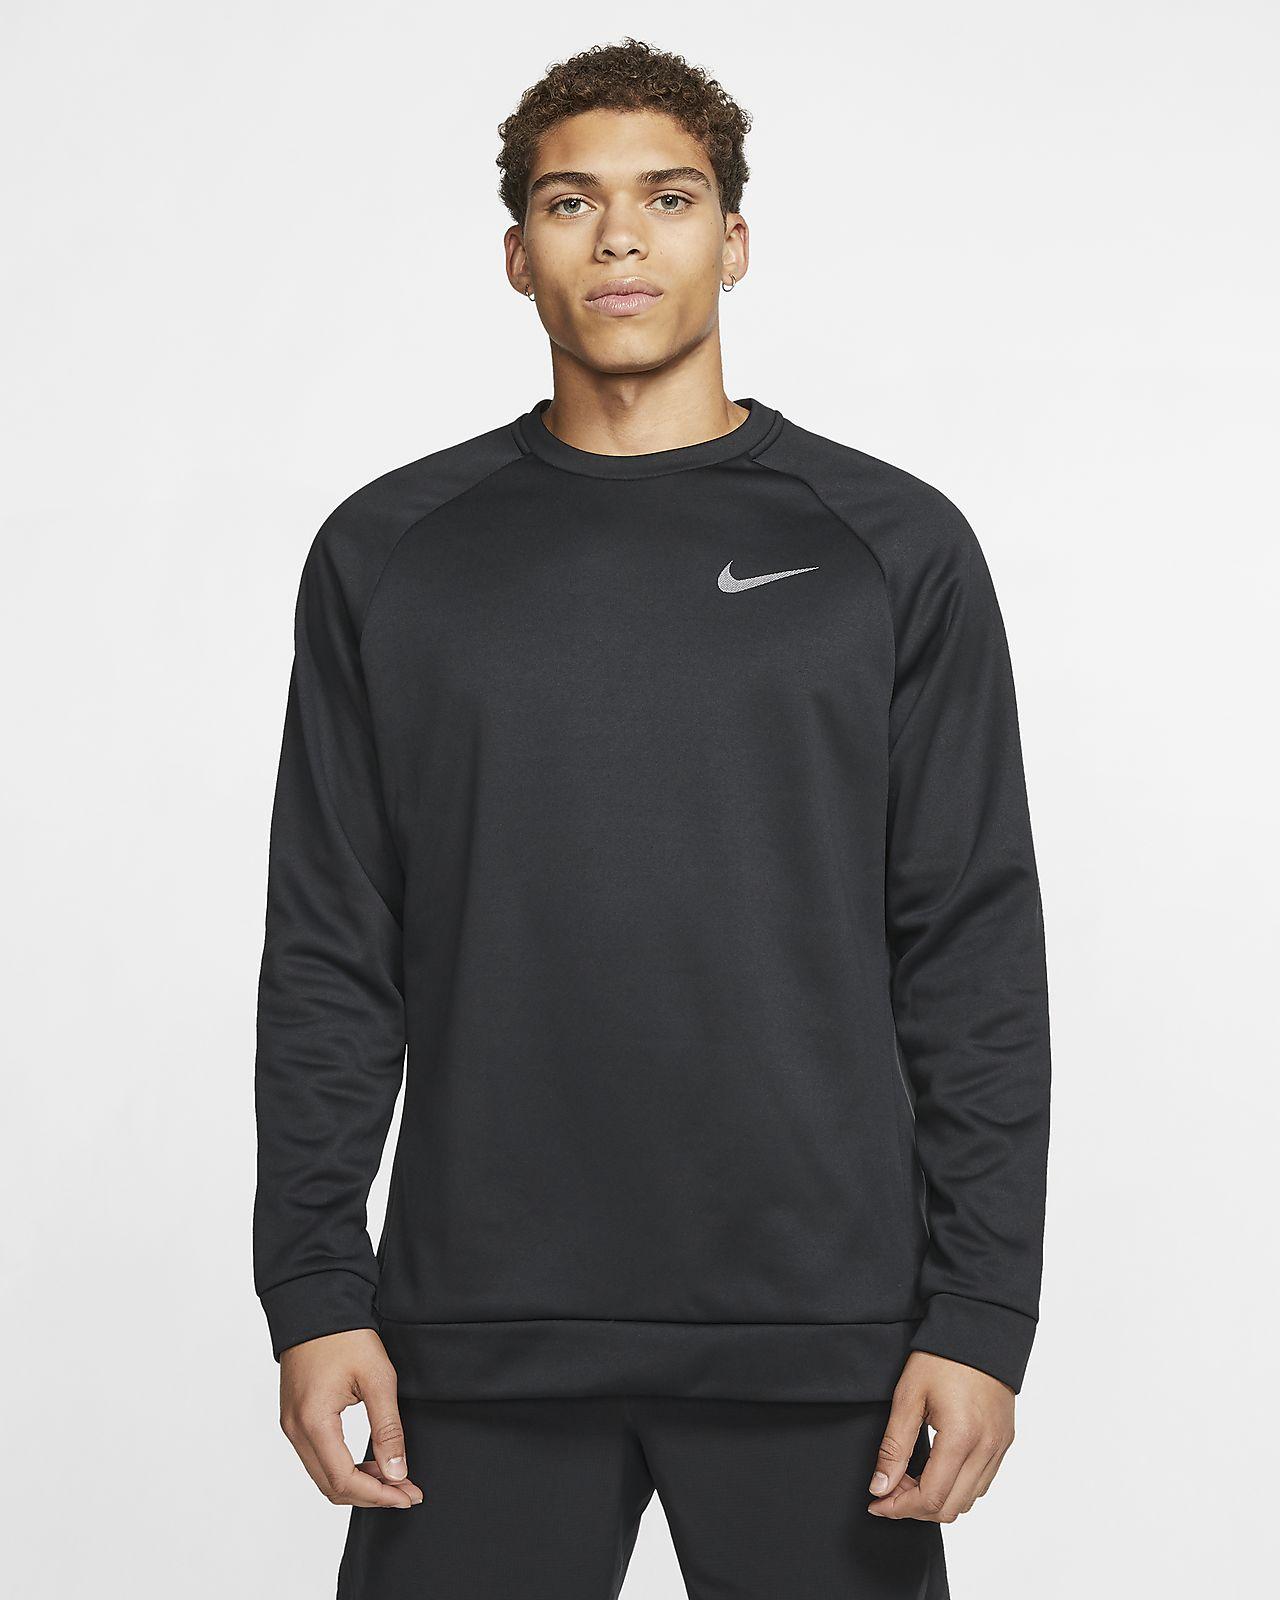 Ανδρική μπλούζα προπόνησης Nike Therma